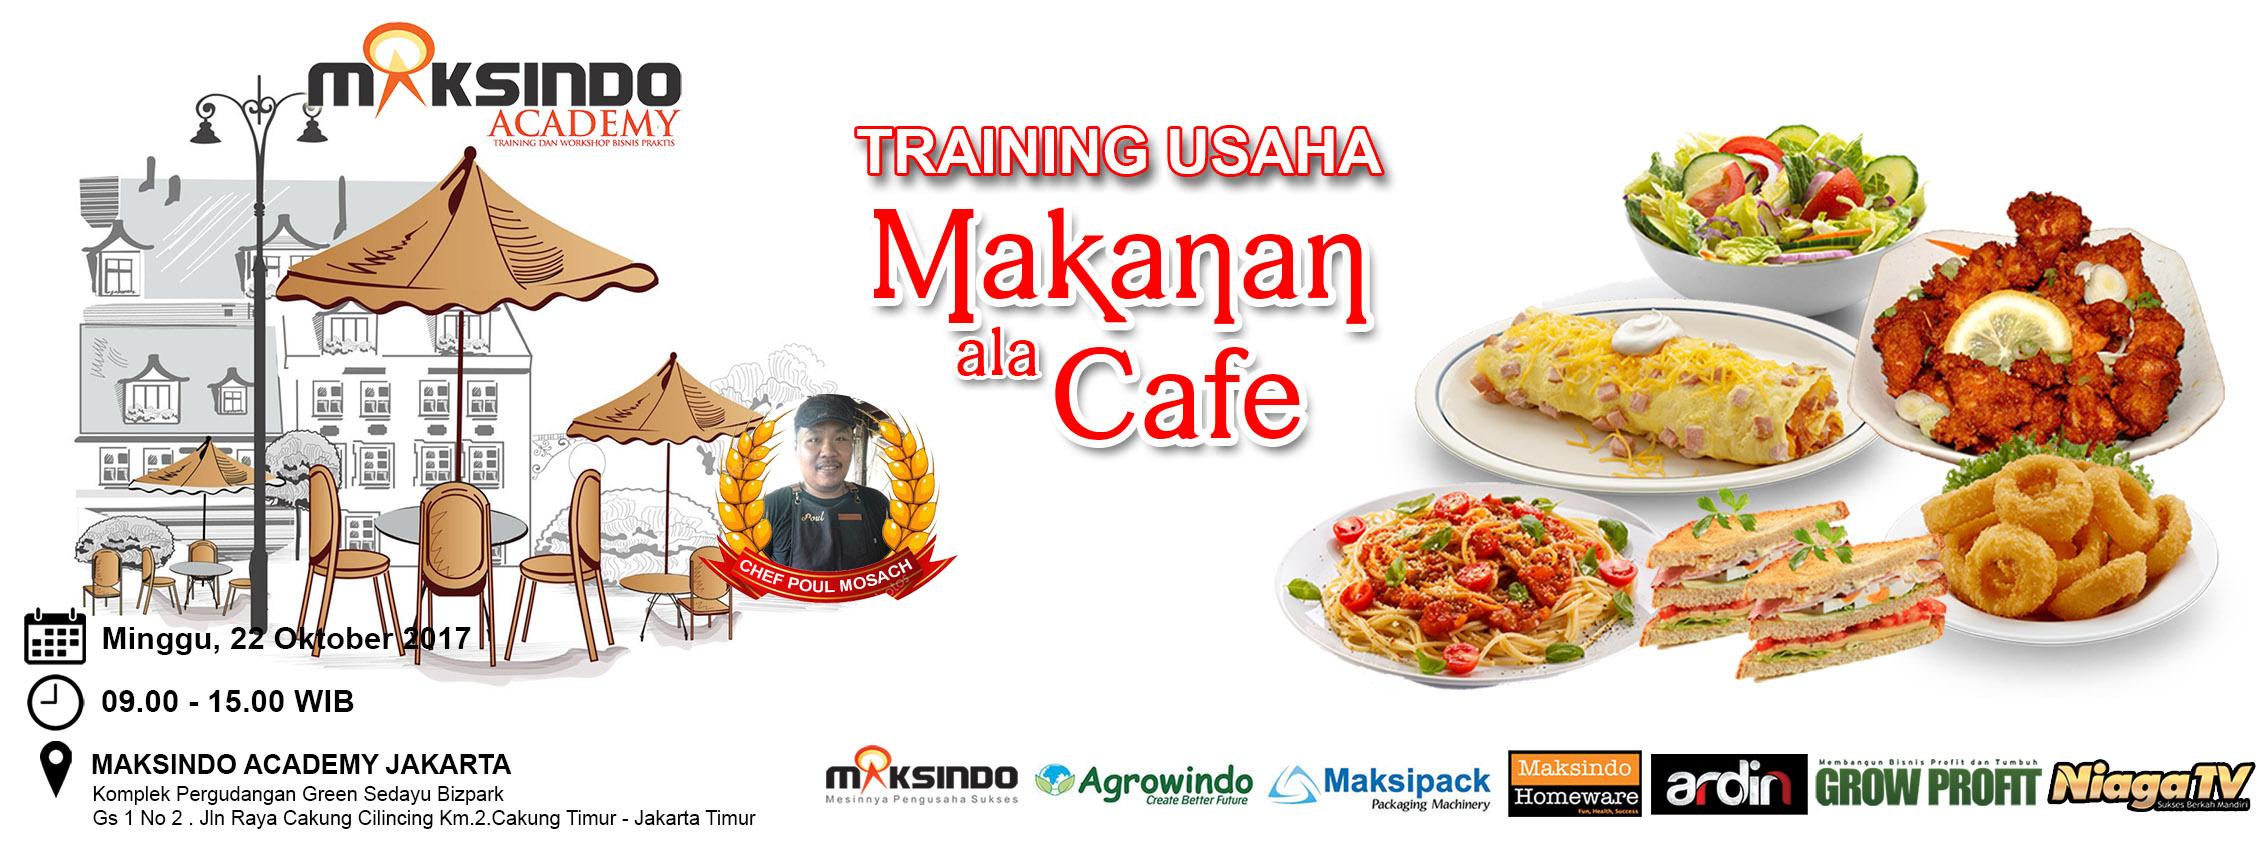 Toko Mesin Maksindo Makassar 4